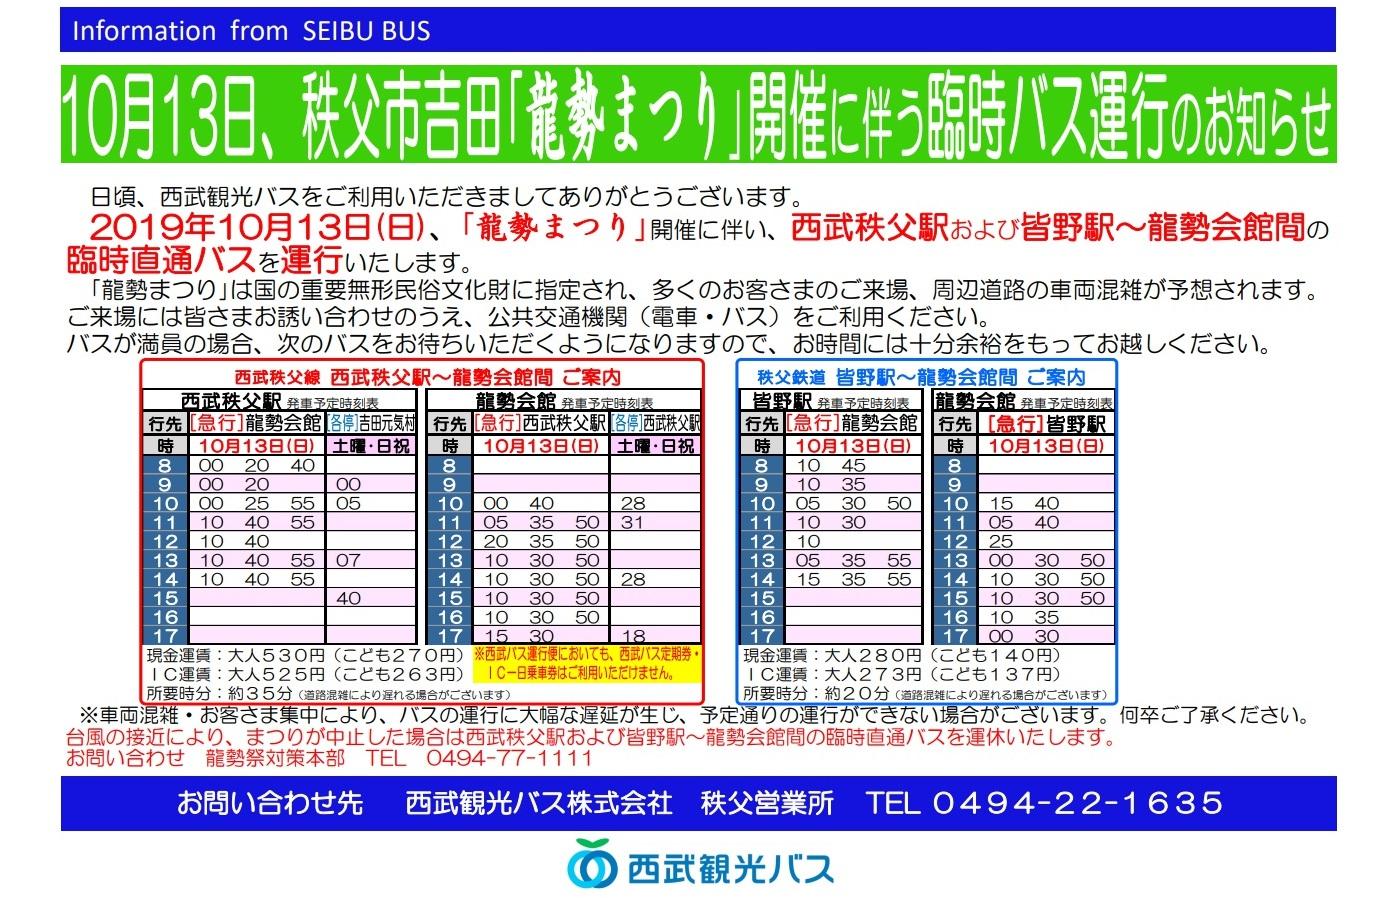 秩父吉田 龍勢祭 2019 西武観光バス 時刻表